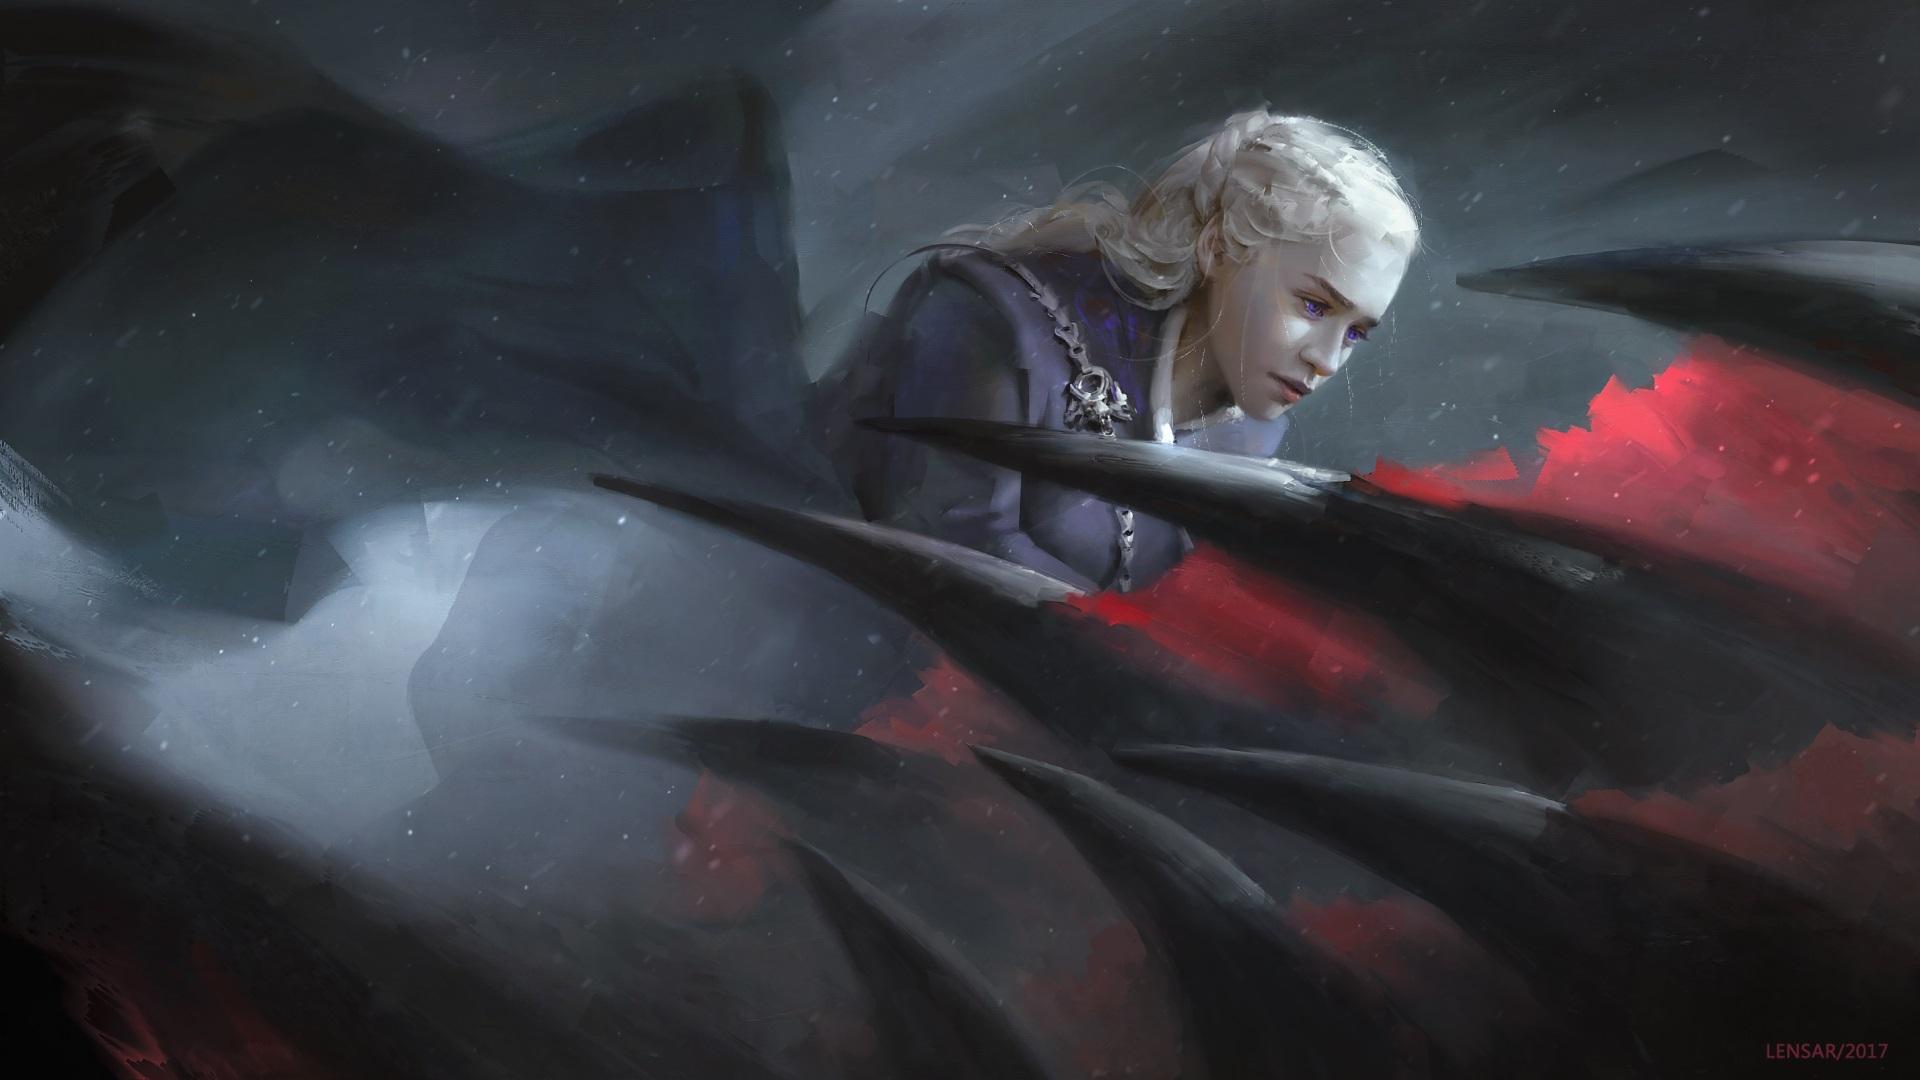 Daenerys Dragon Targaryen Game Of Thrones - HD Wallpaper